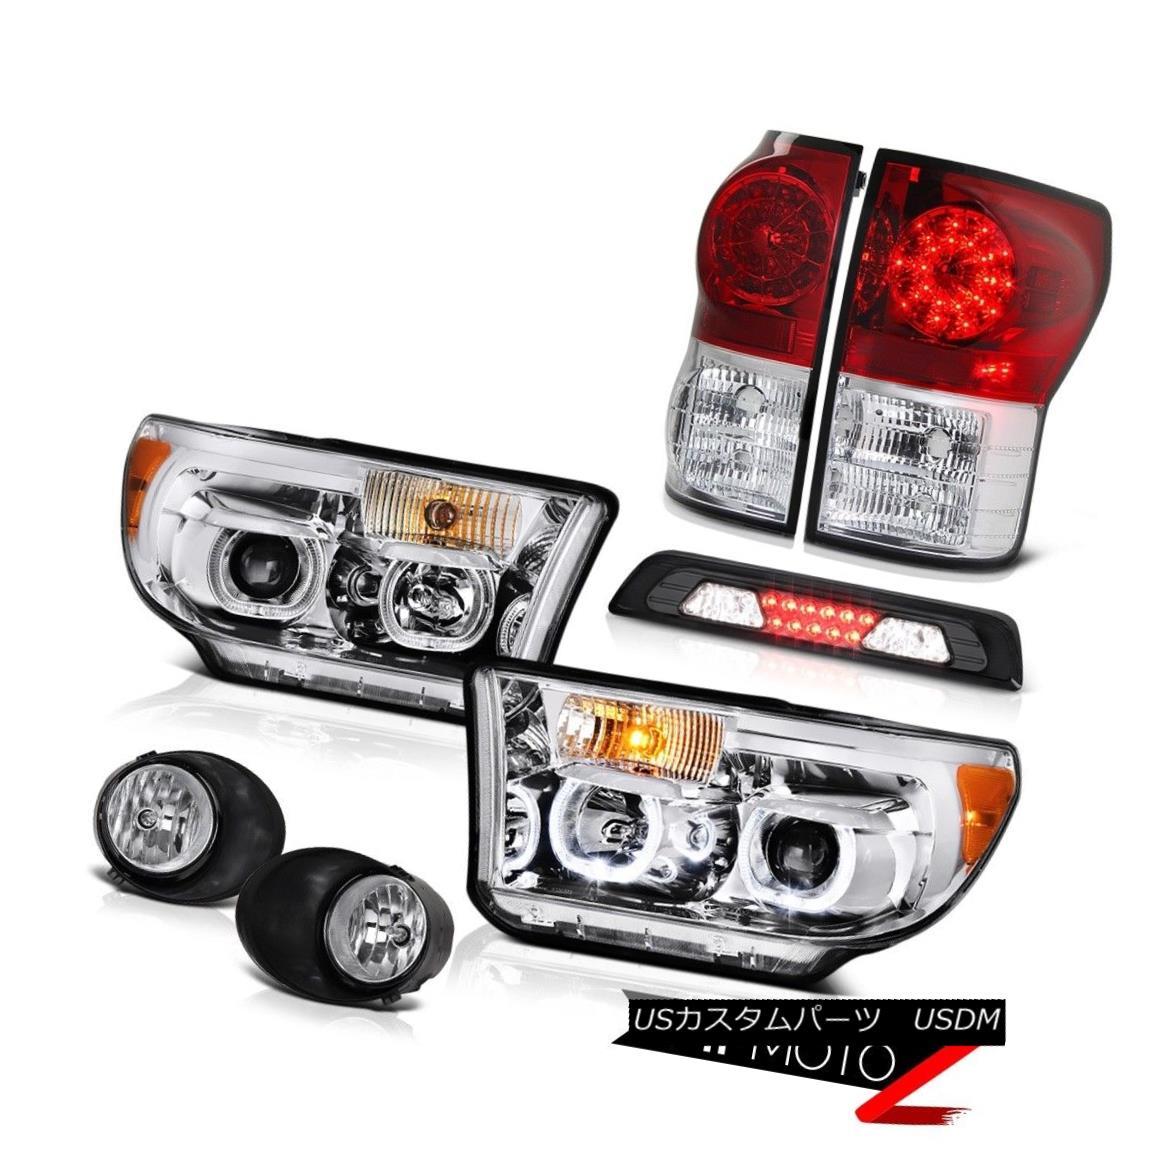 ヘッドライト 07-13 Toyota Tundra SR5 Headlamps Fog Lamps Smoked Roof Cab Lamp Red Taillights 07-13トヨタトンドラSR5ヘッドランプフォグランプスモークルーフキャブランプ赤い灯台